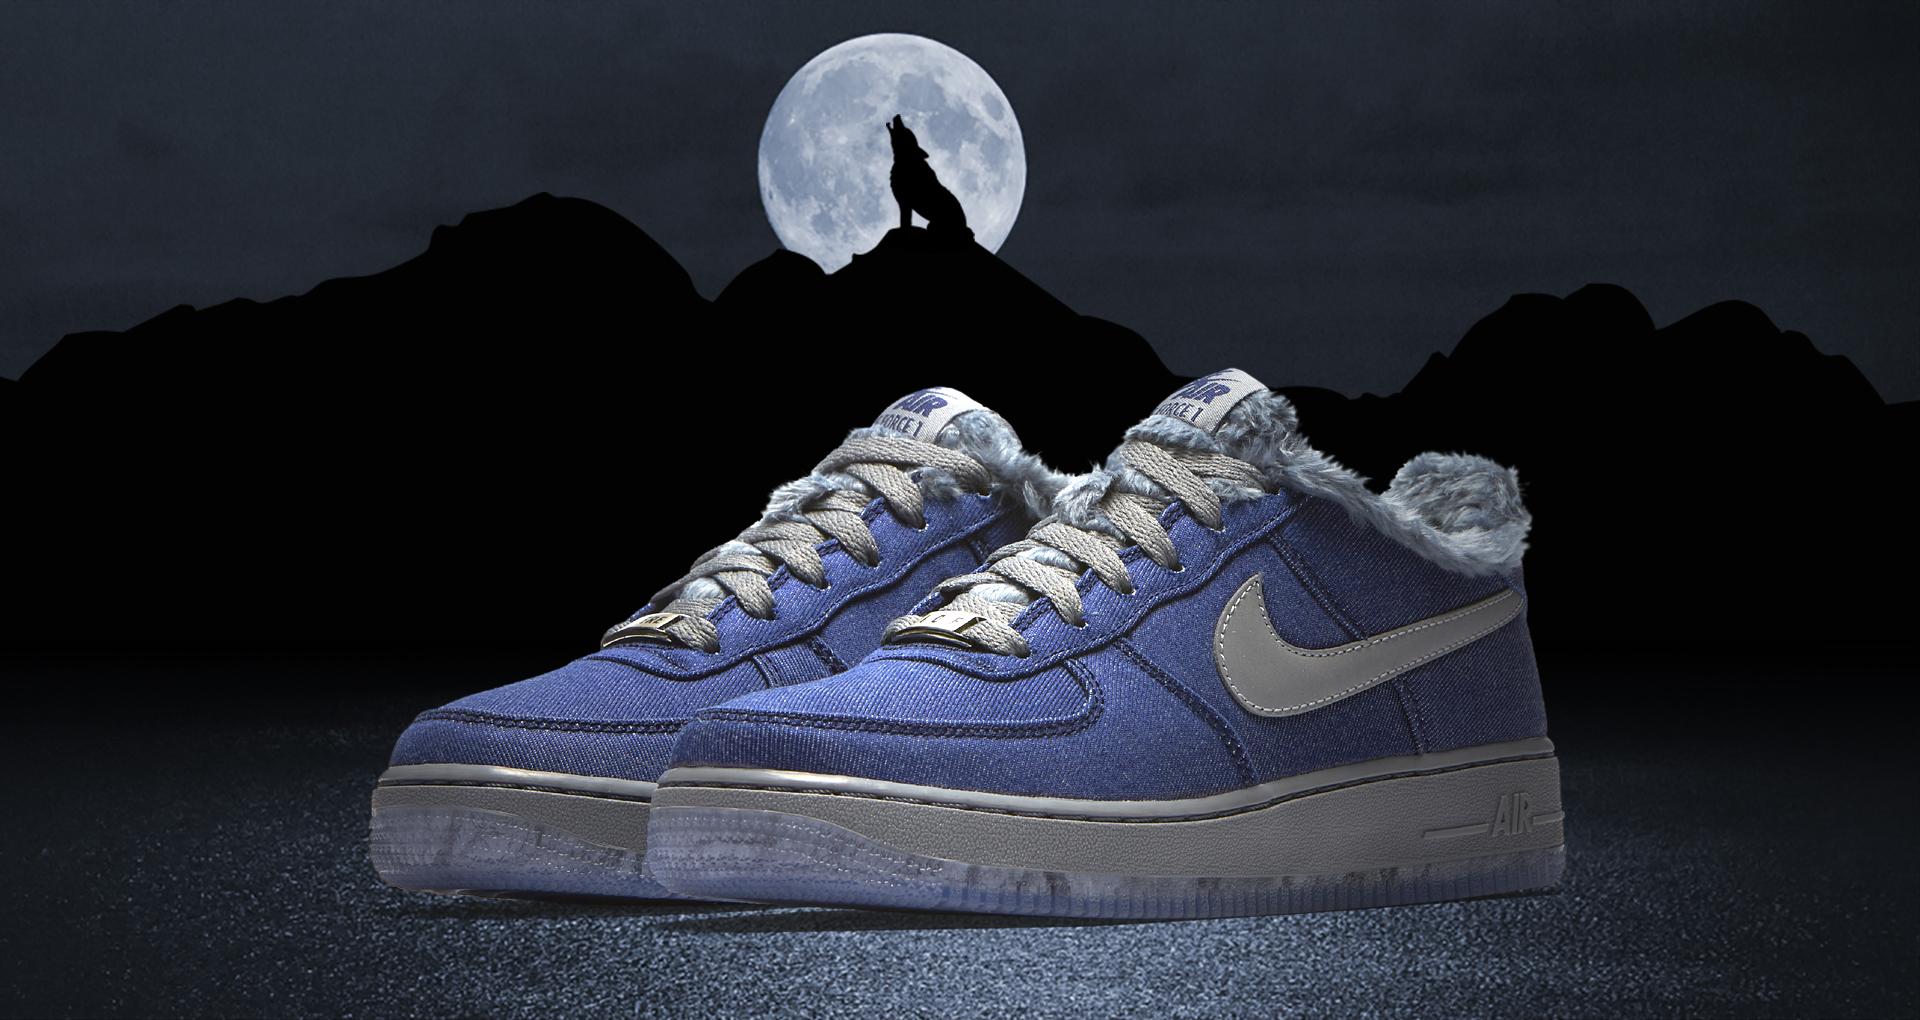 Nike Air Moon Shoes